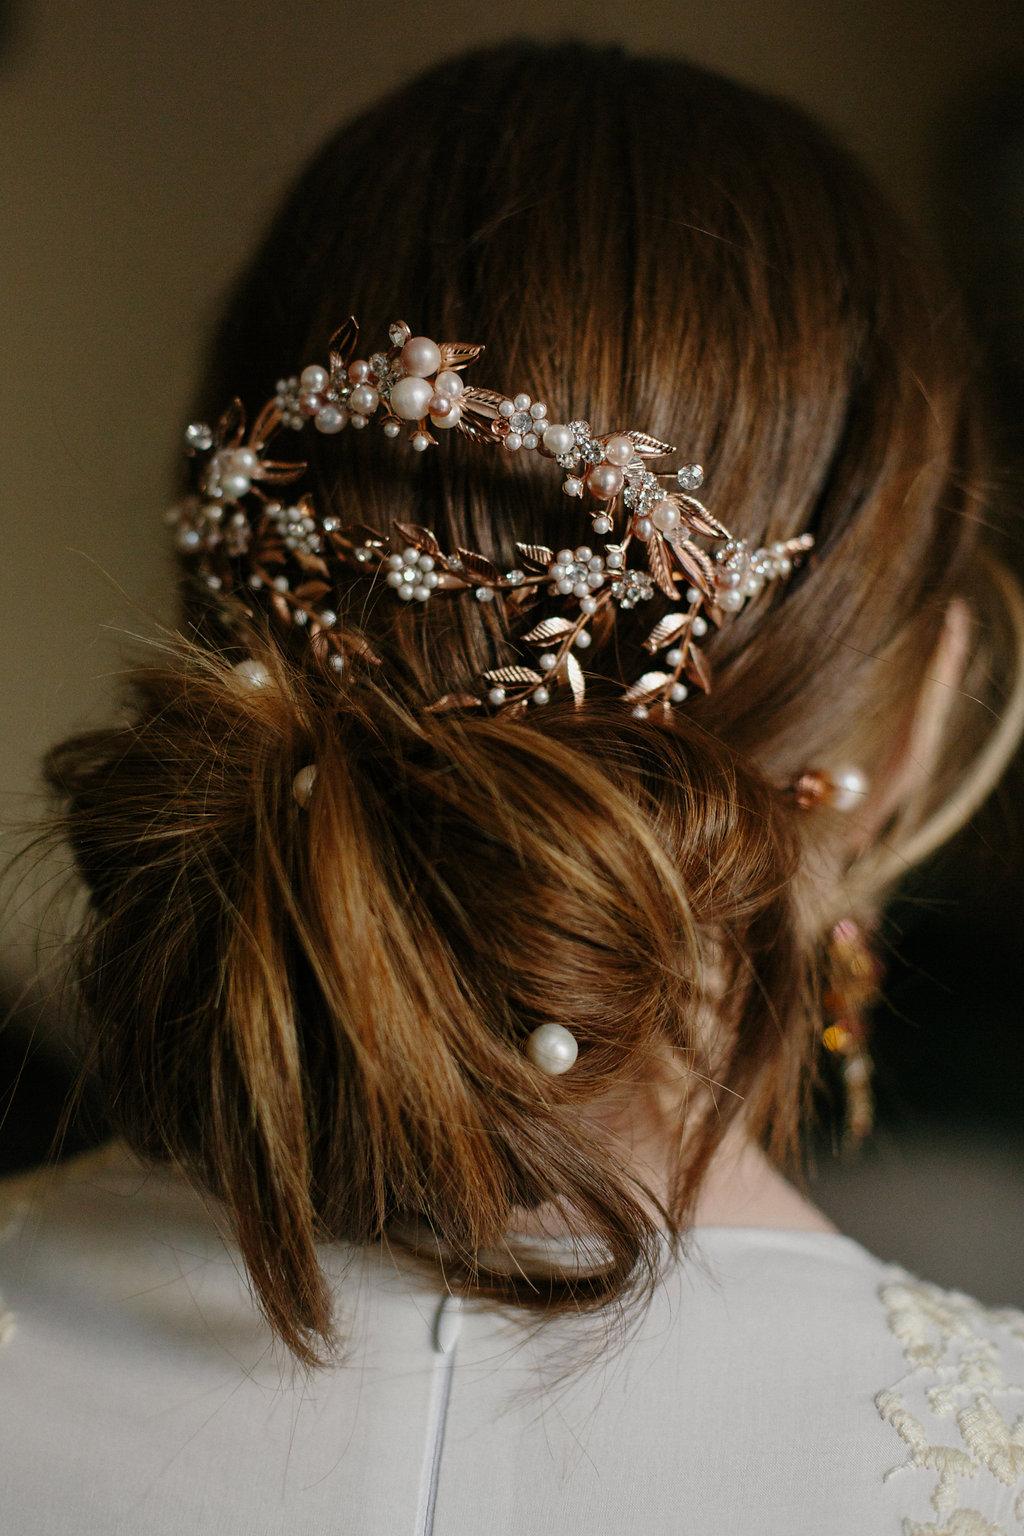 Bridal Hair Accessory Wedding Headpiece Mantilla Comb